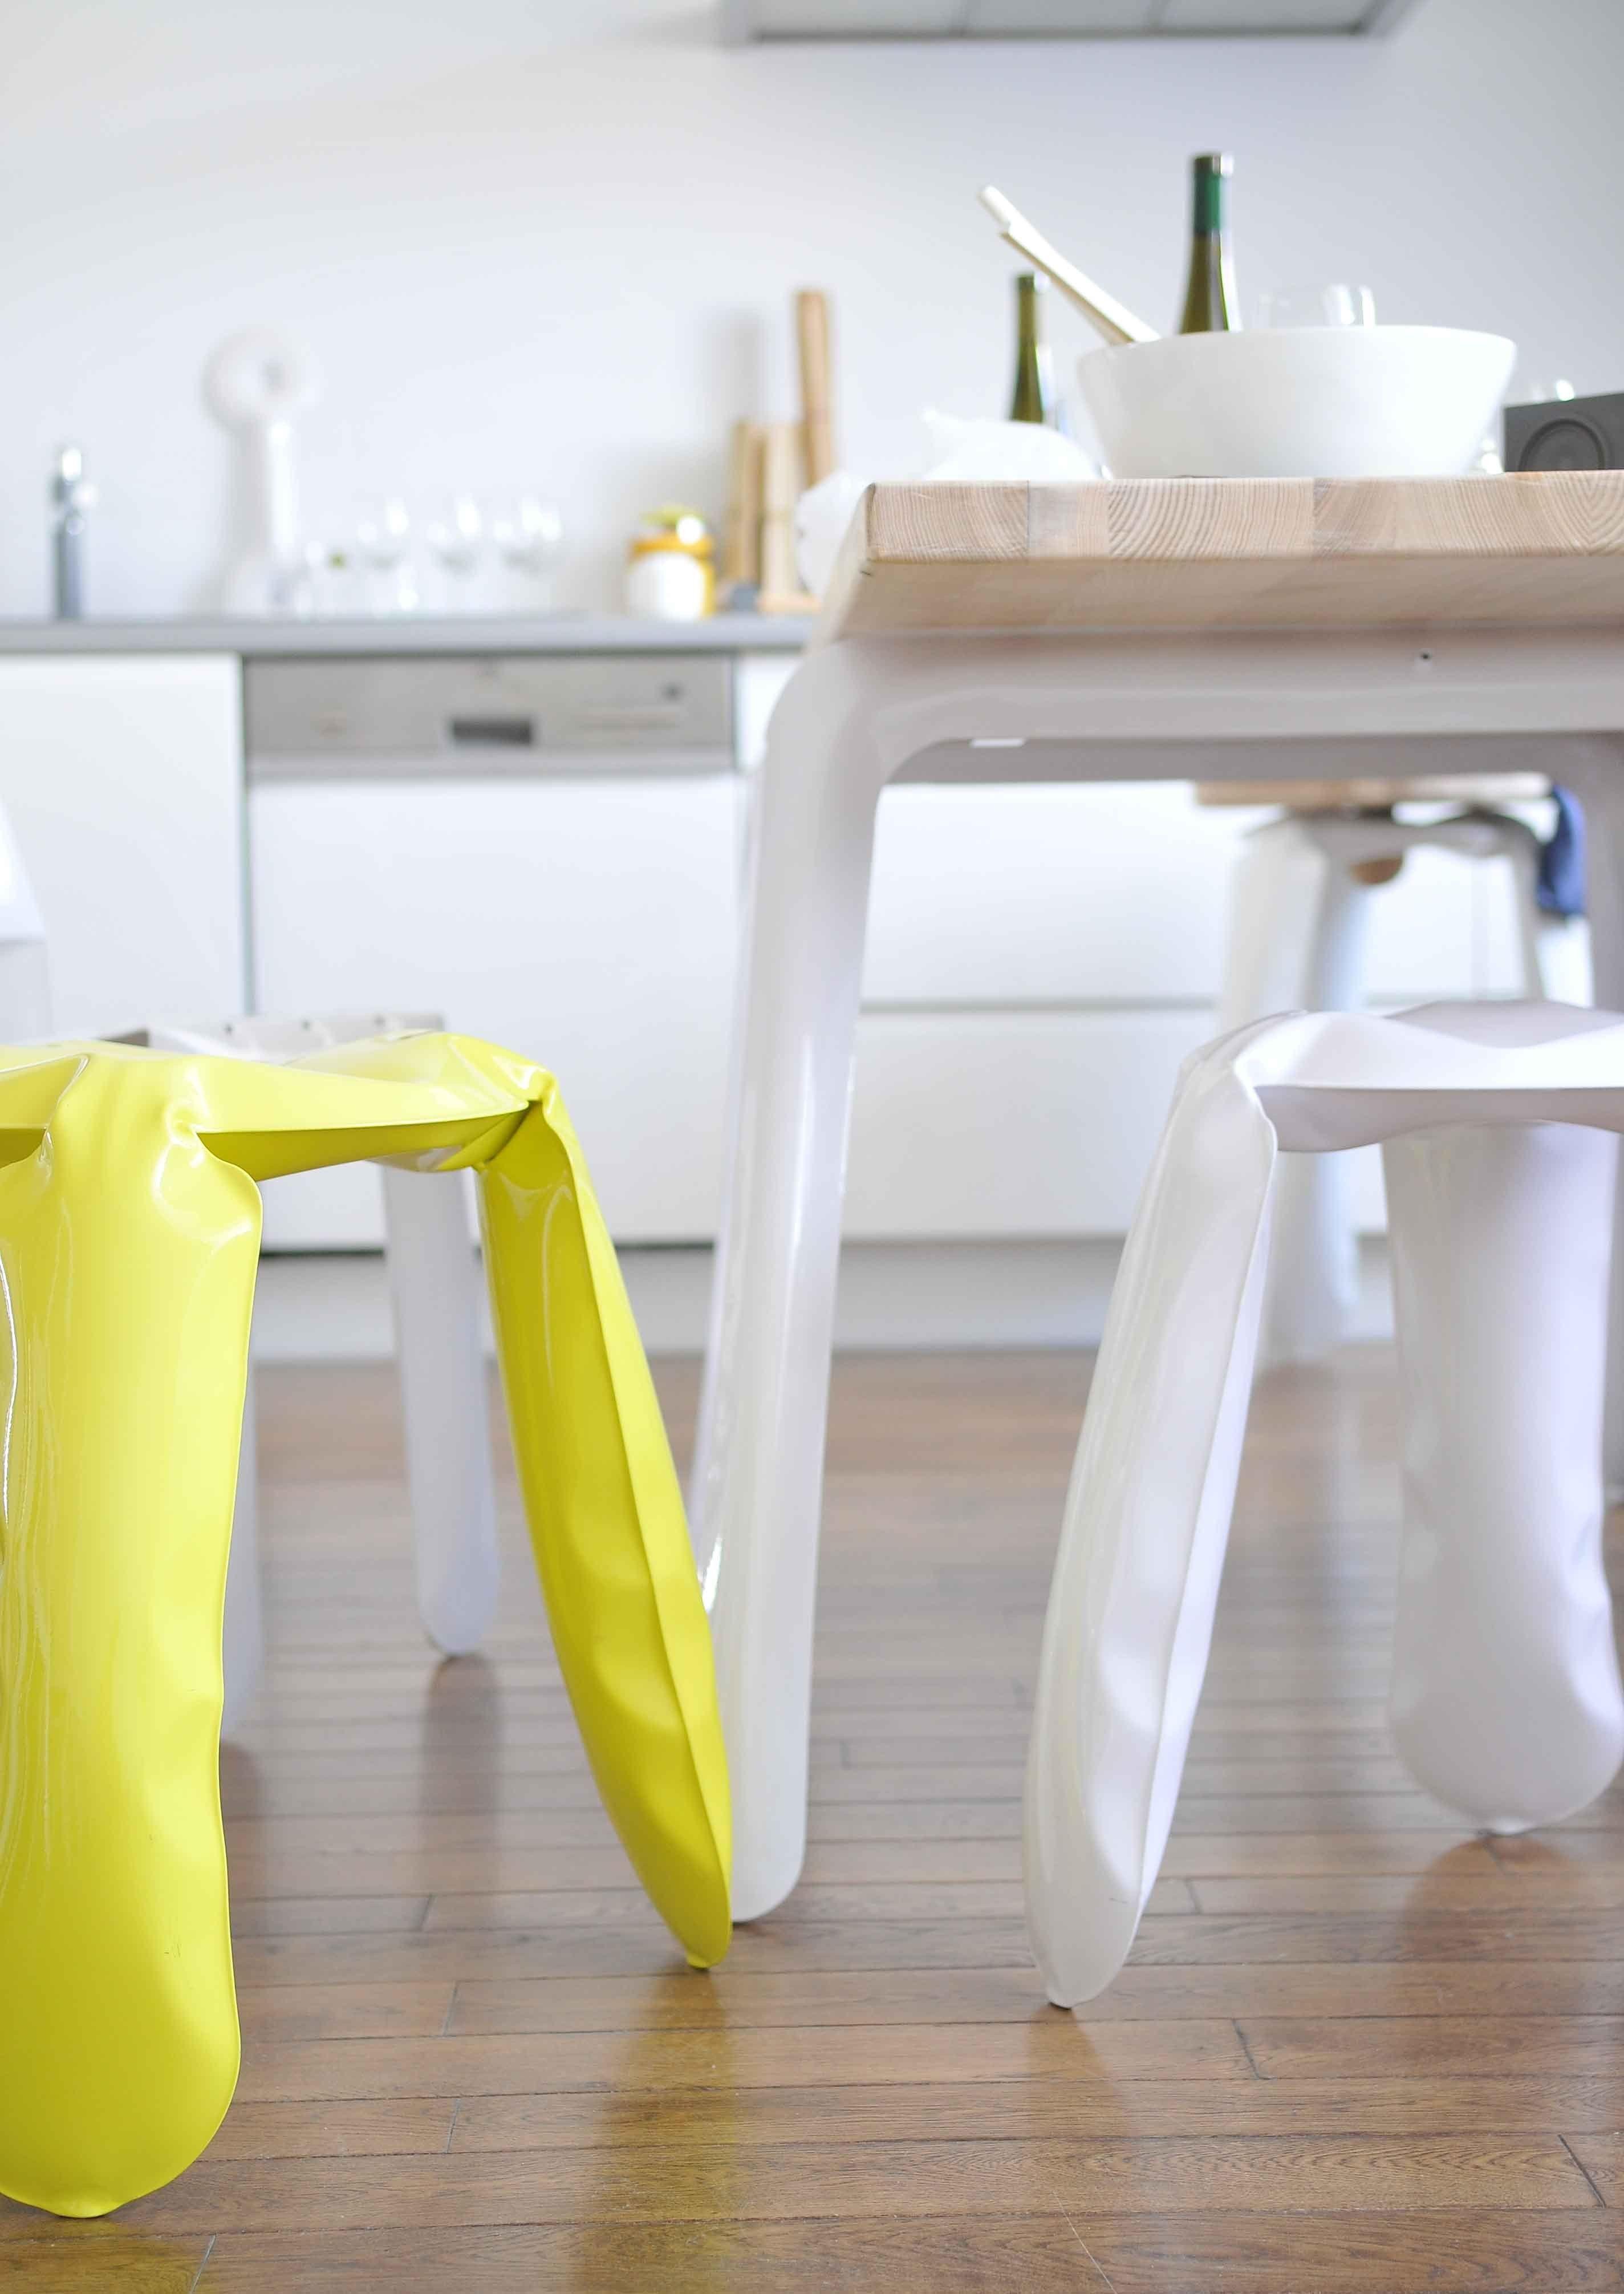 Phenomenal Plopp Stools In Special Offer At Oikos Furniture Design Inzonedesignstudio Interior Chair Design Inzonedesignstudiocom